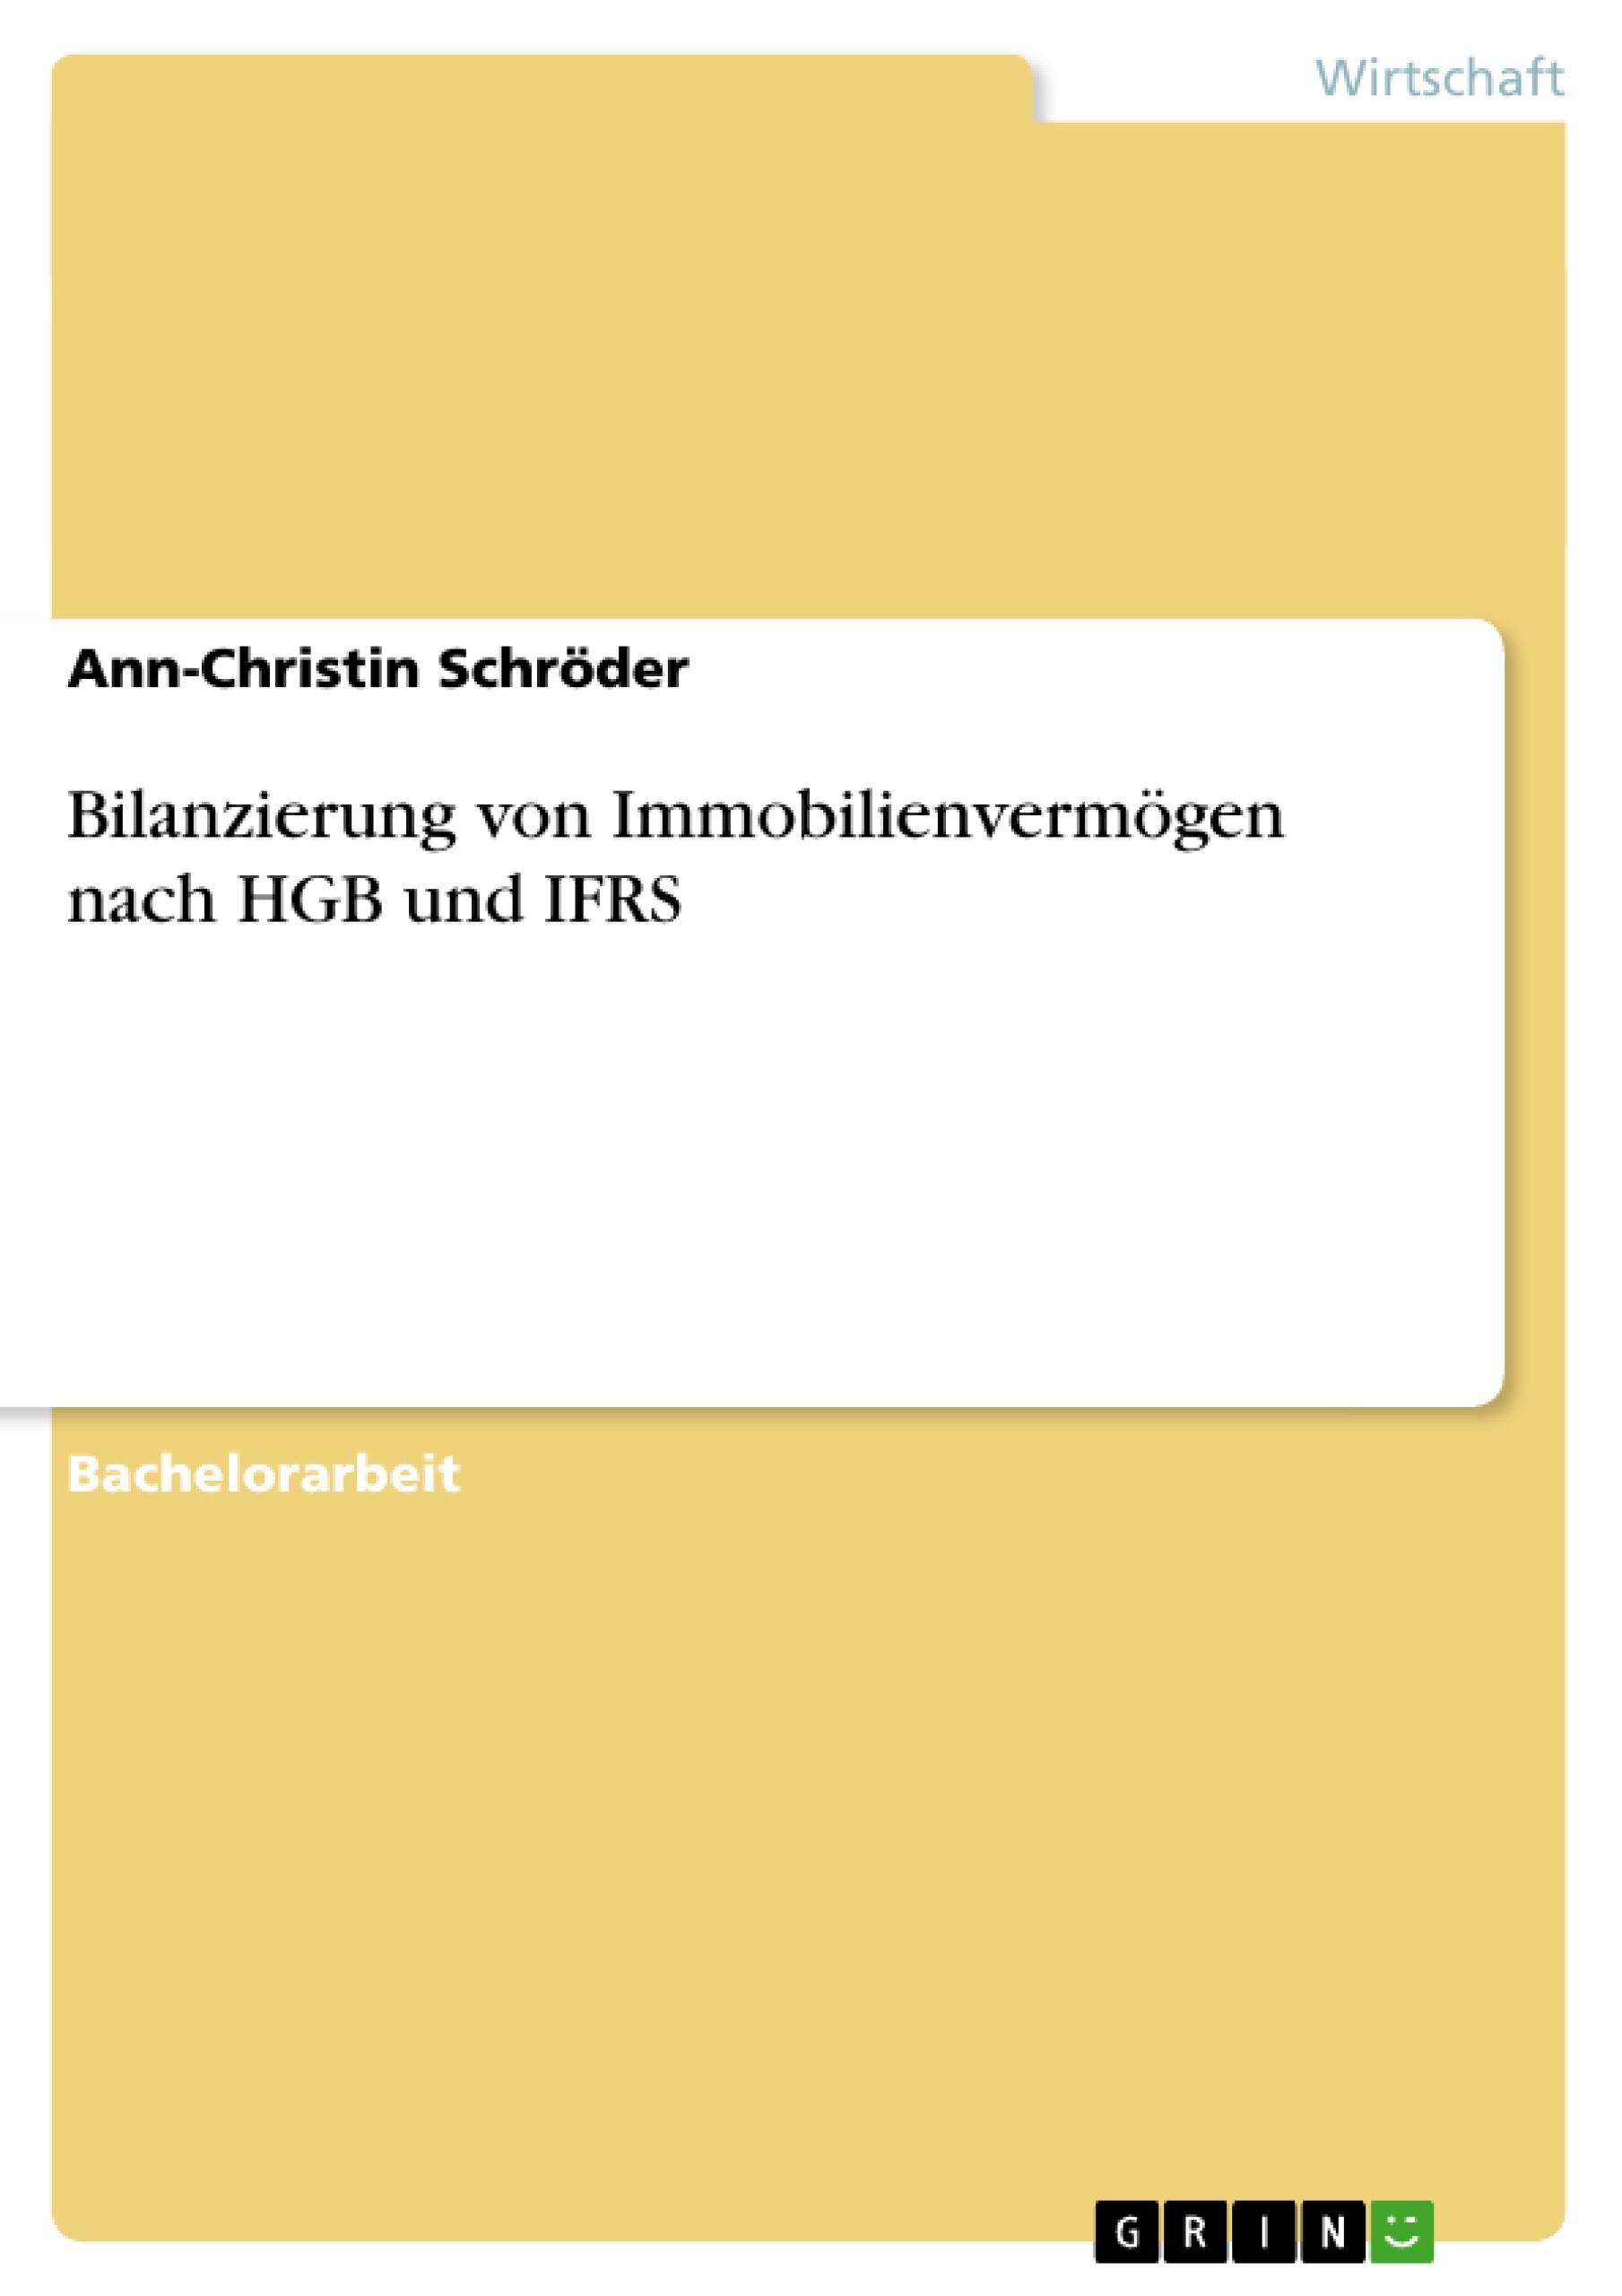 Titel: Bilanzierung von Immobilienvermögen nach HGB und IFRS